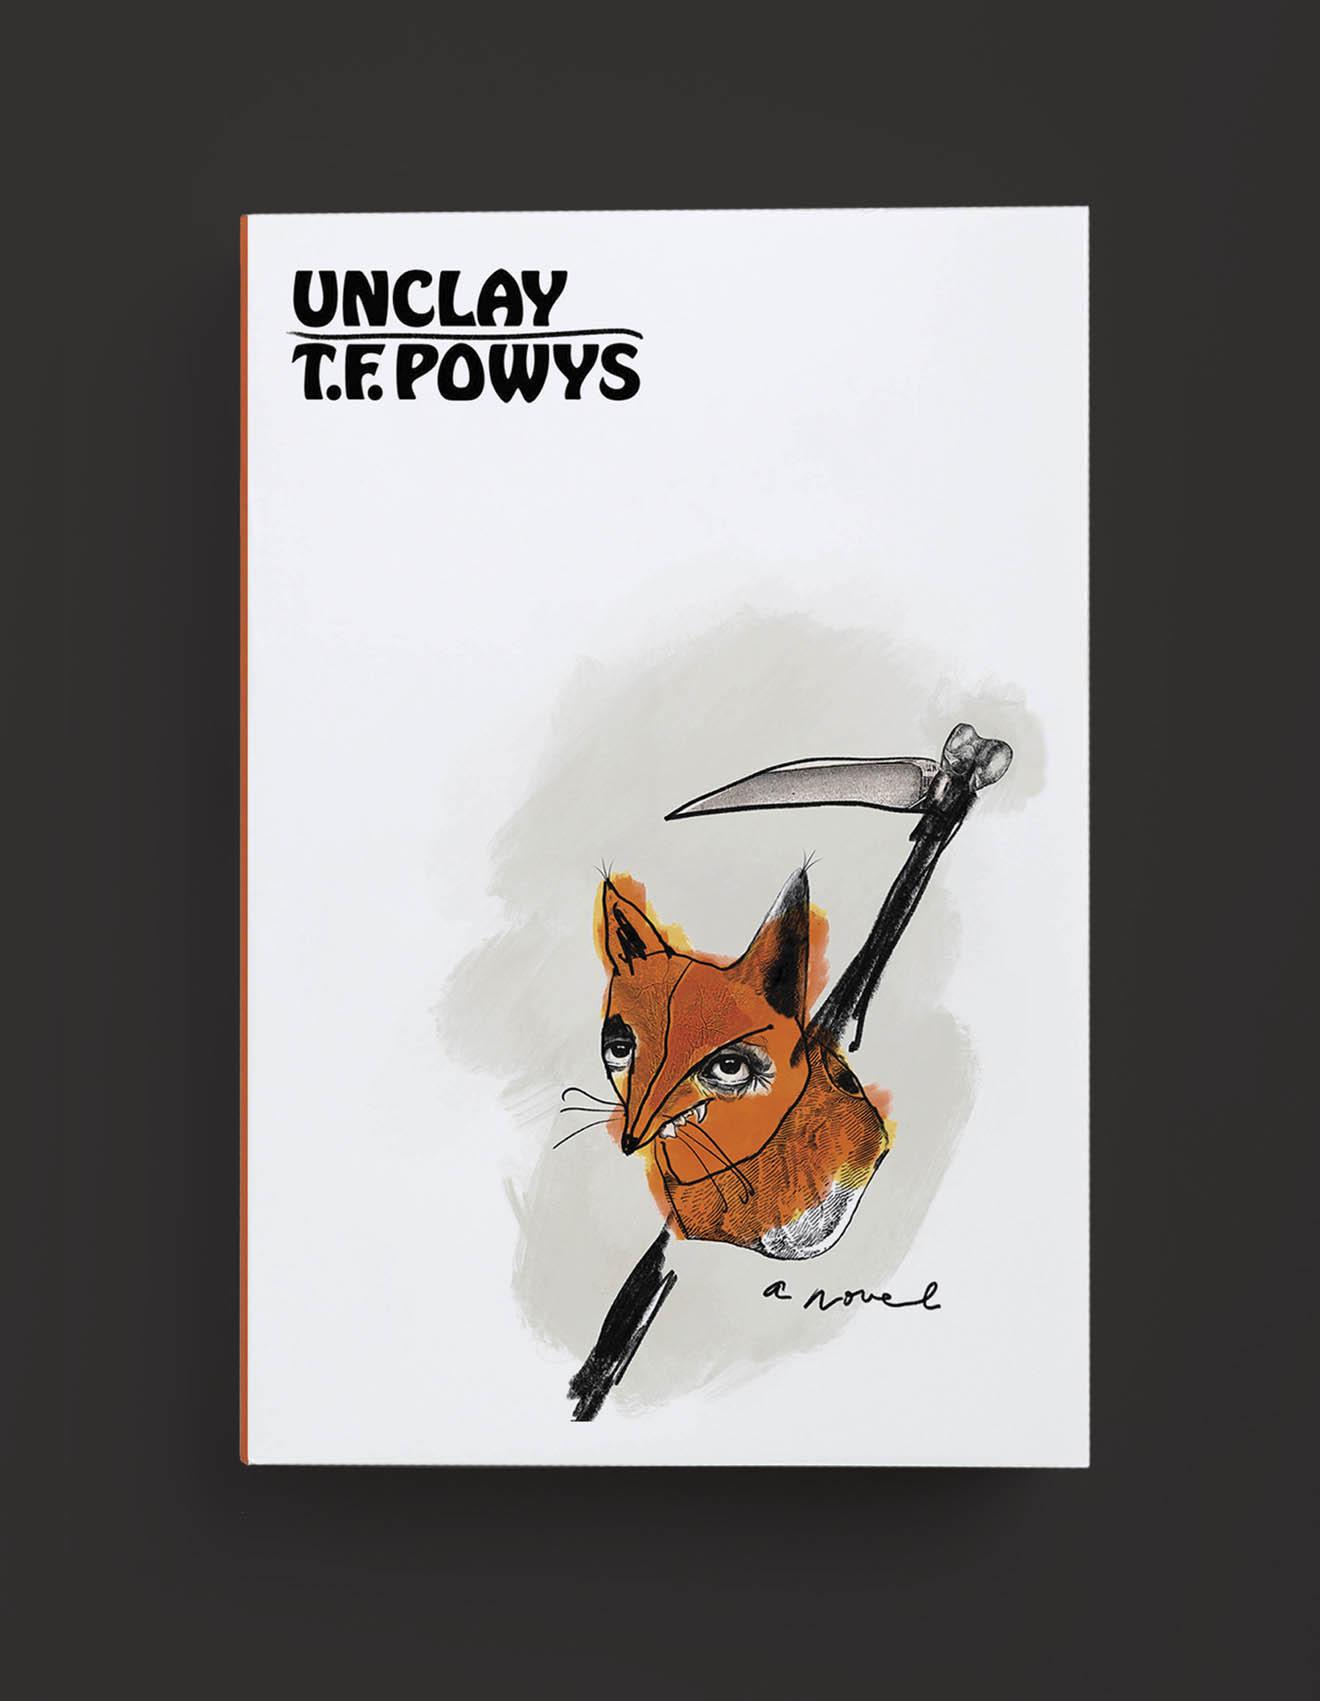 unclay_3.jpg